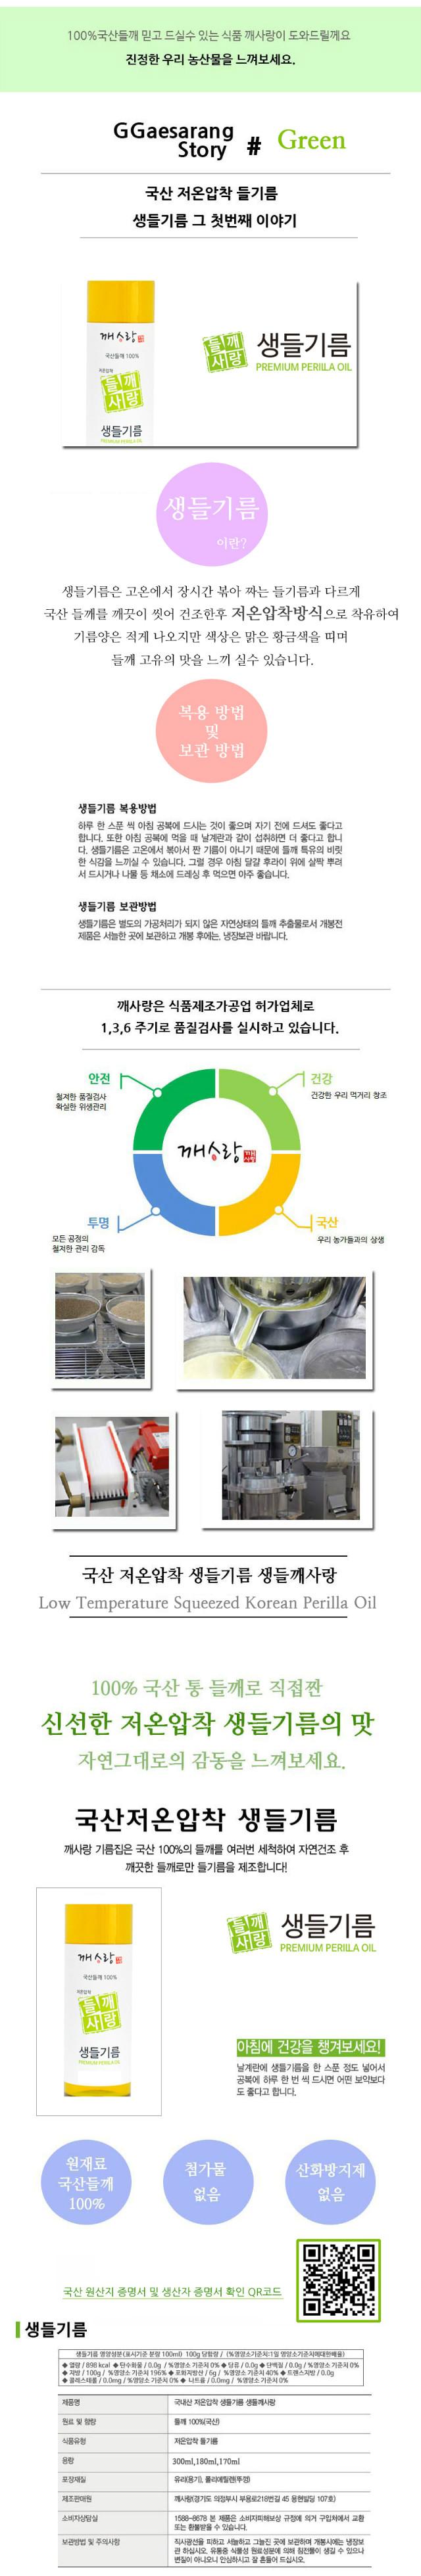 02-1저온압착생들기름.jpg